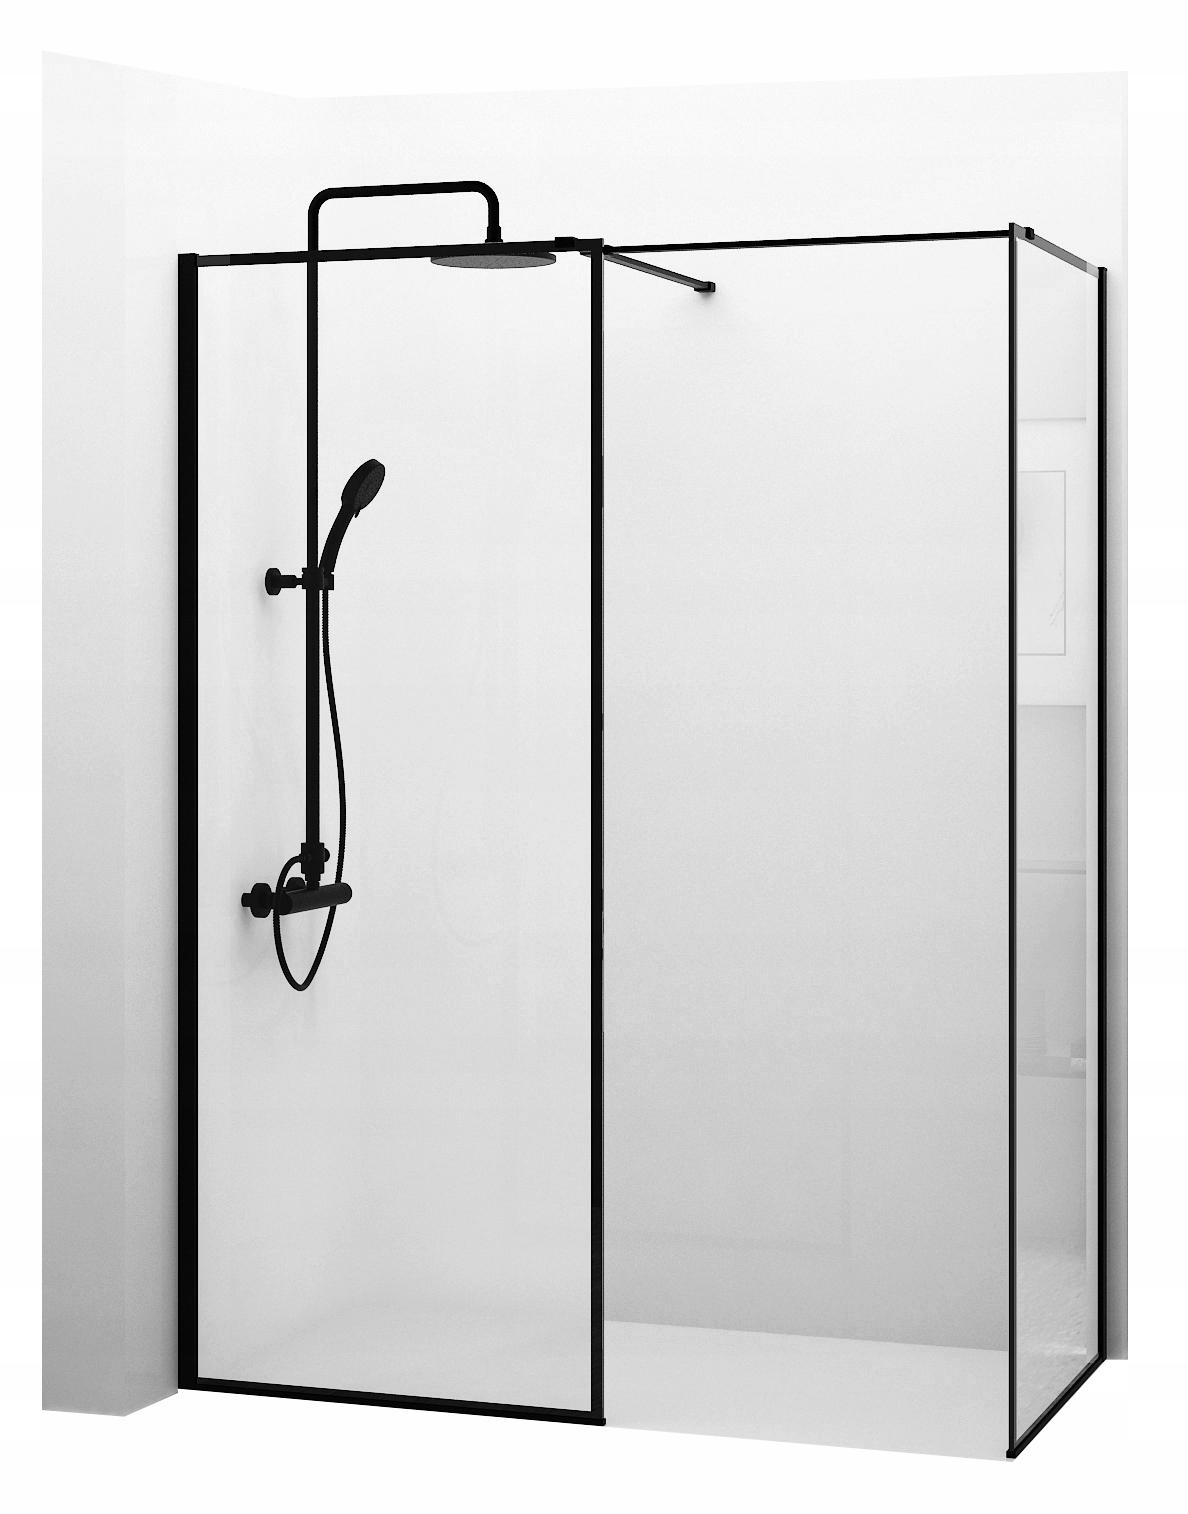 Sprcha CHODIŤ V 100x110 BLACK PROFILY